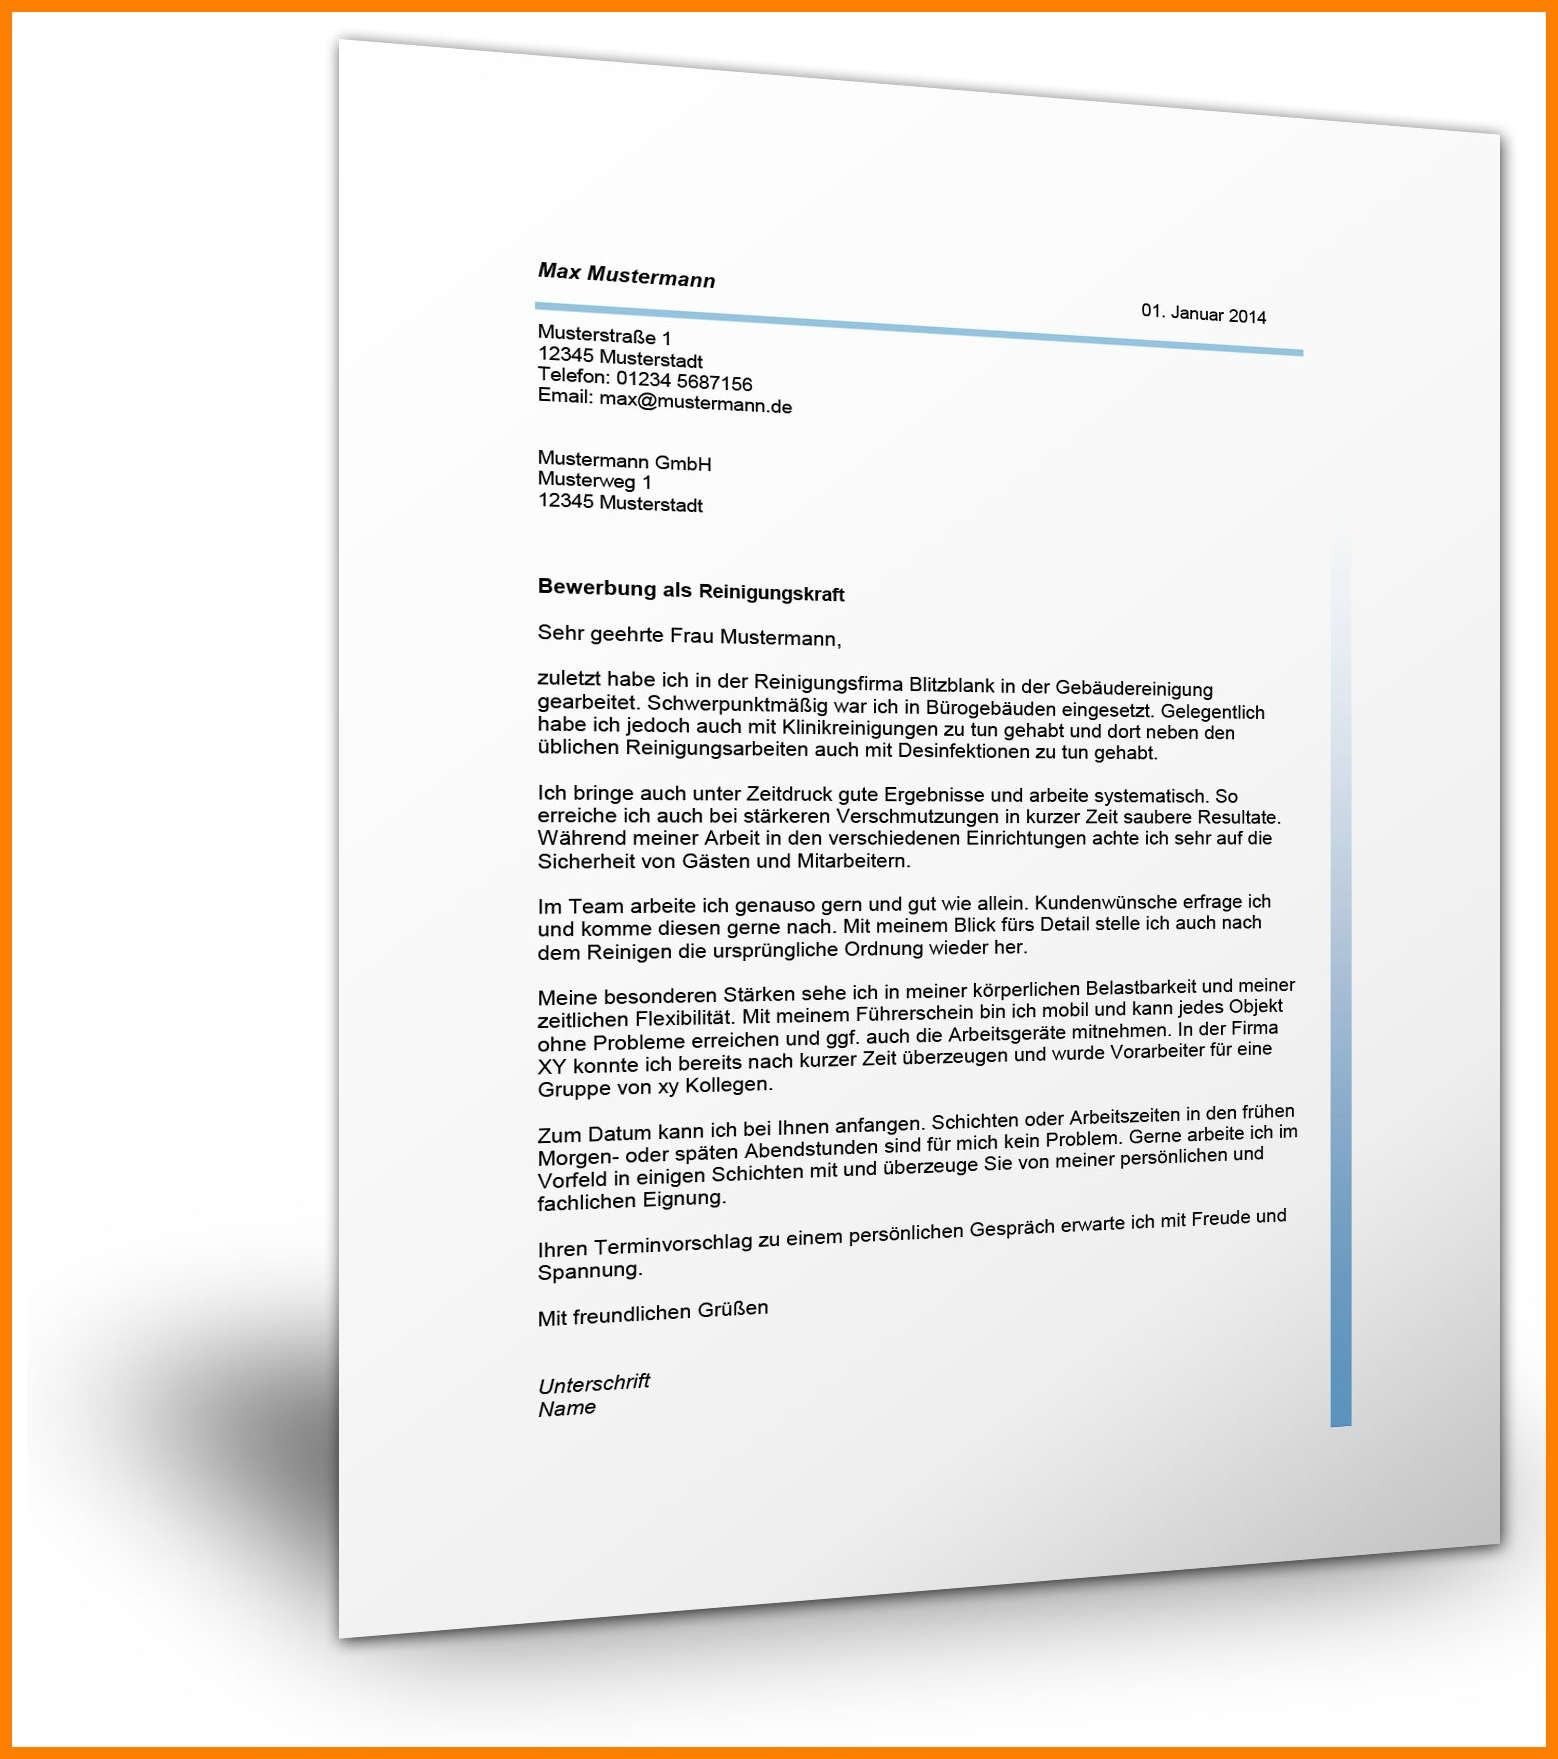 Neu Anschreiben Als Reinigungskraft Briefprobe Briefformat Briefvorlage Reinigungskraft Jobcenter Lebenslauf Layout